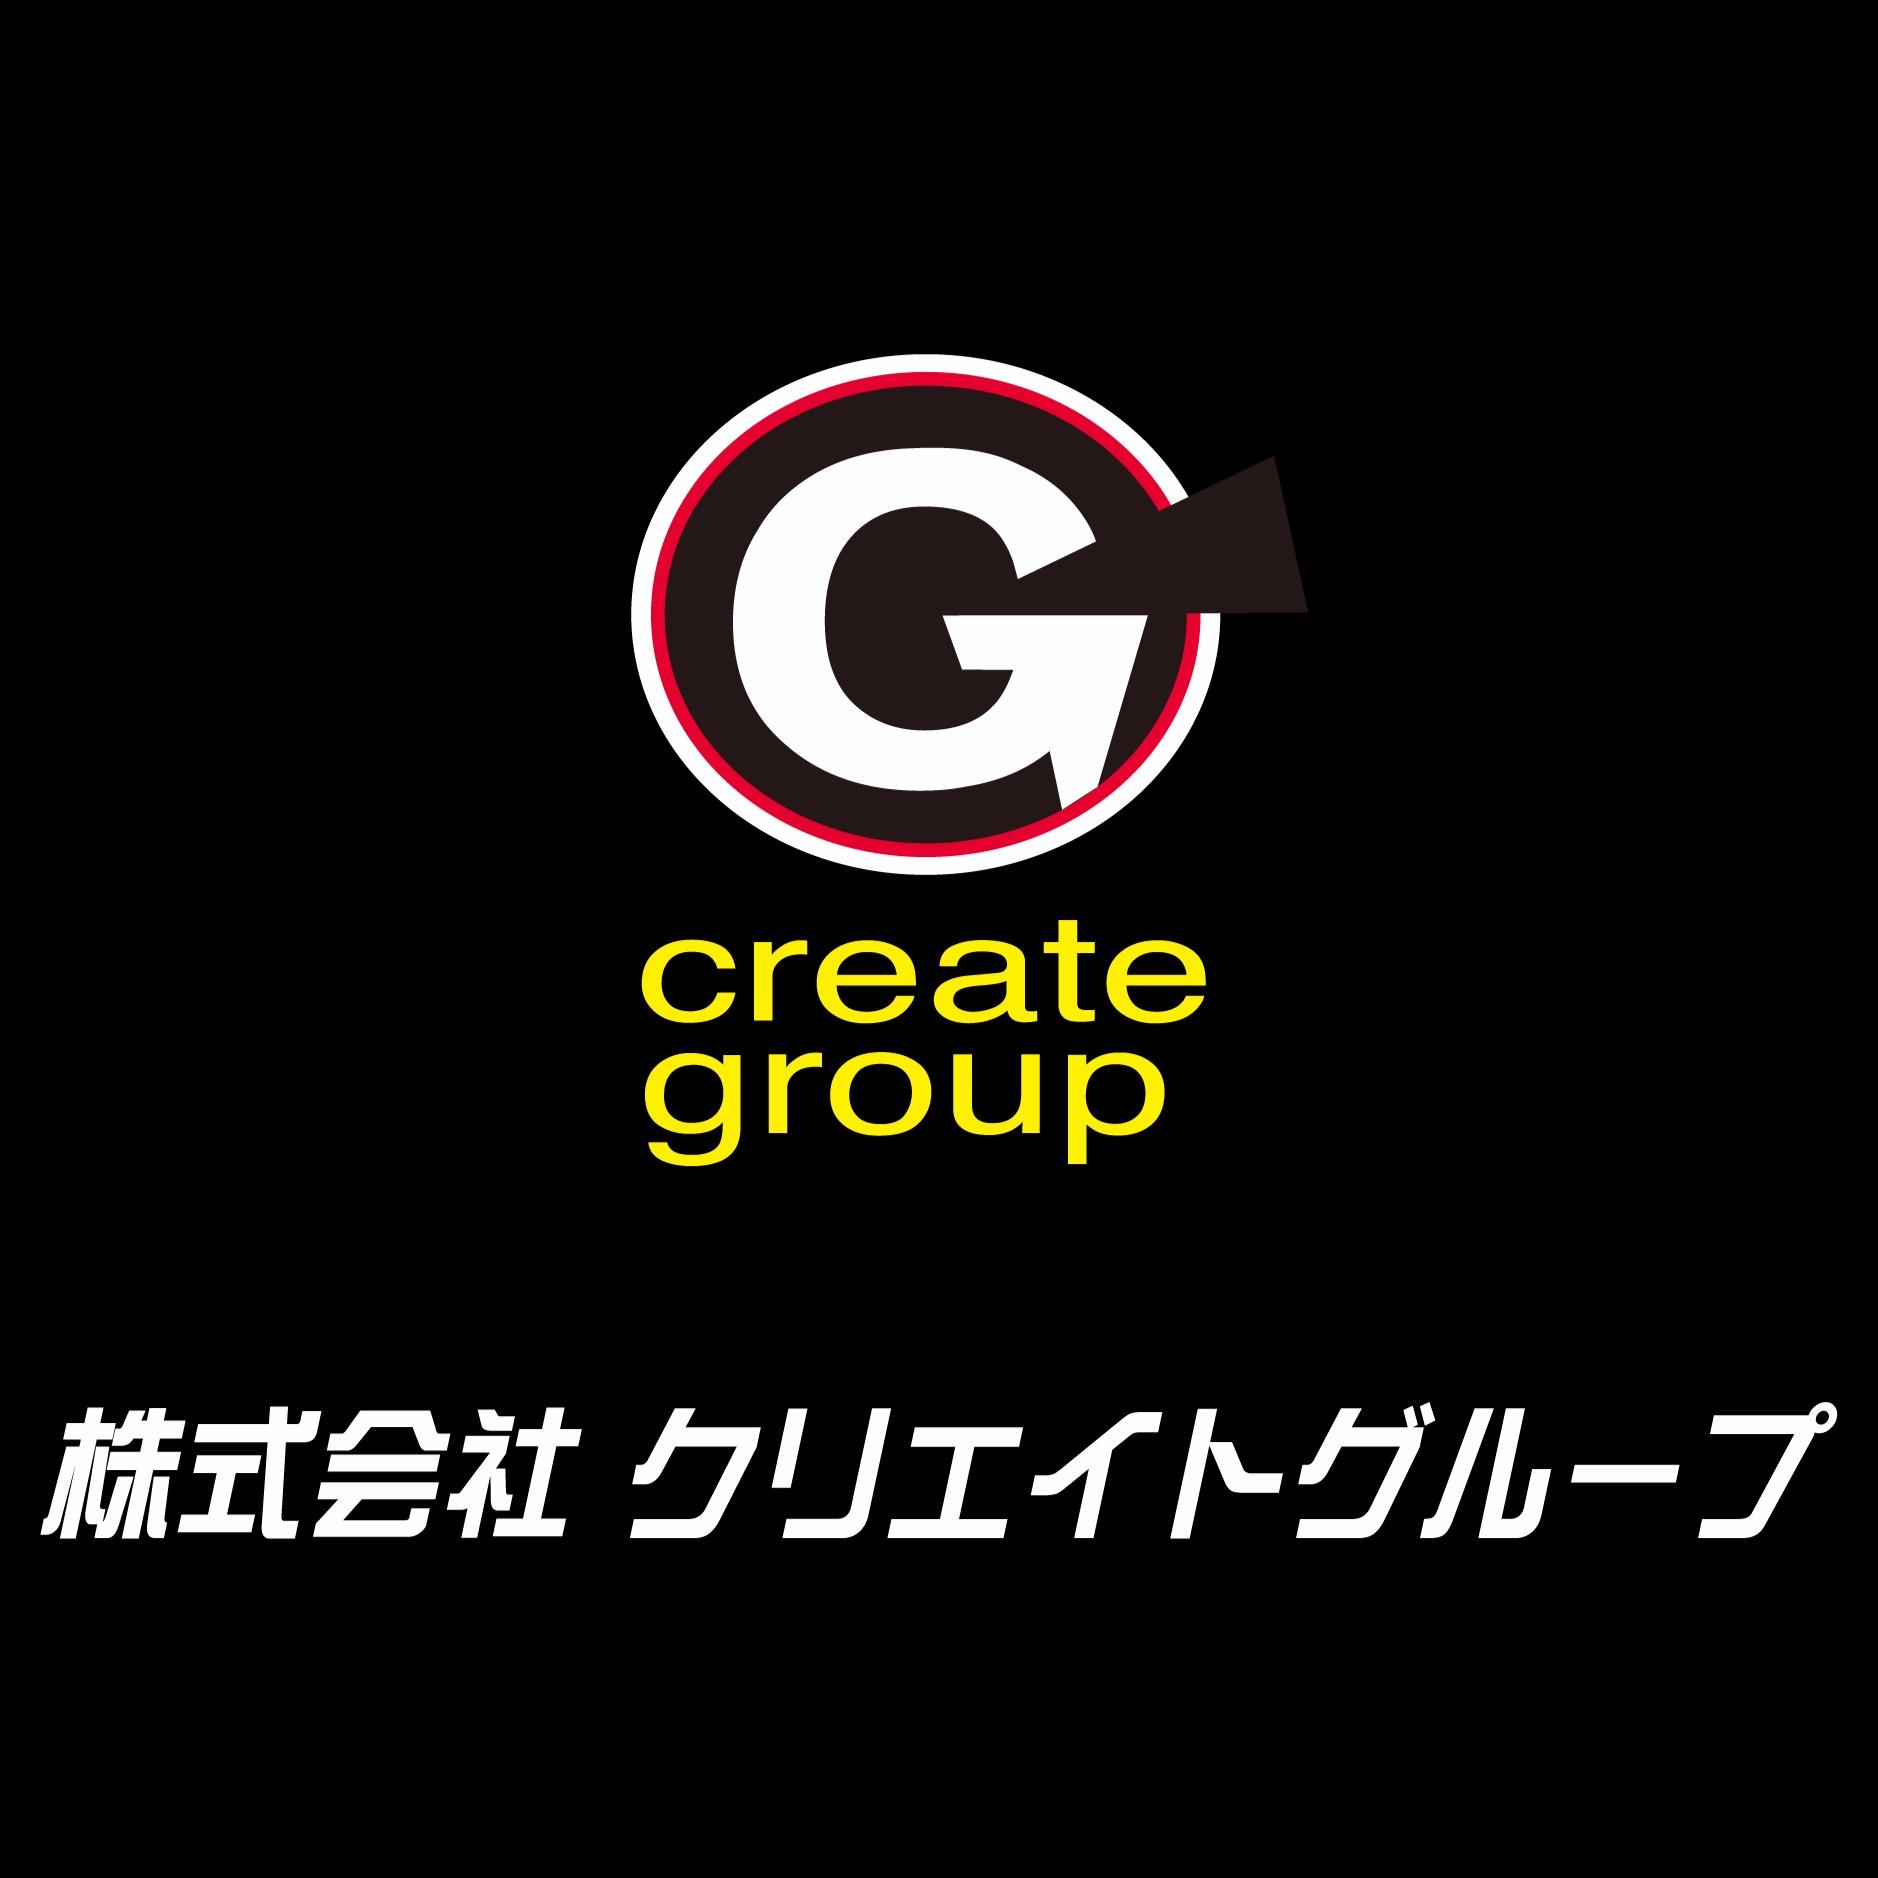 株式会社クリエイトグループ